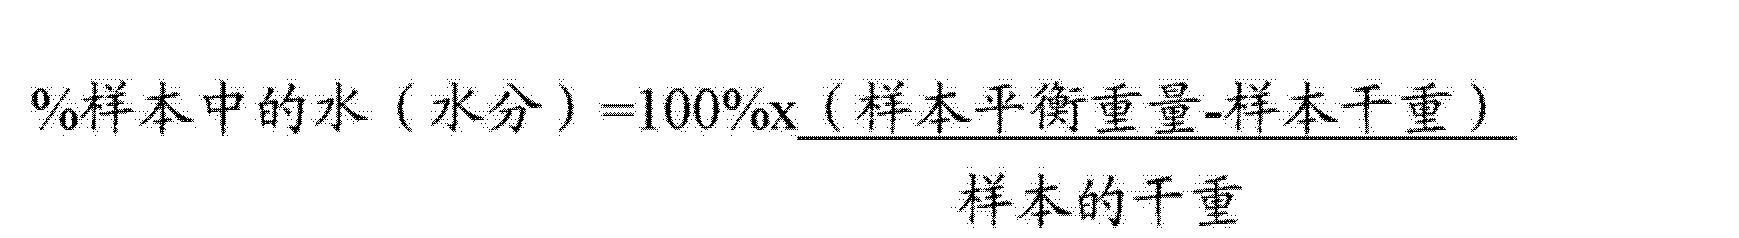 Figure CN103025930BD00723